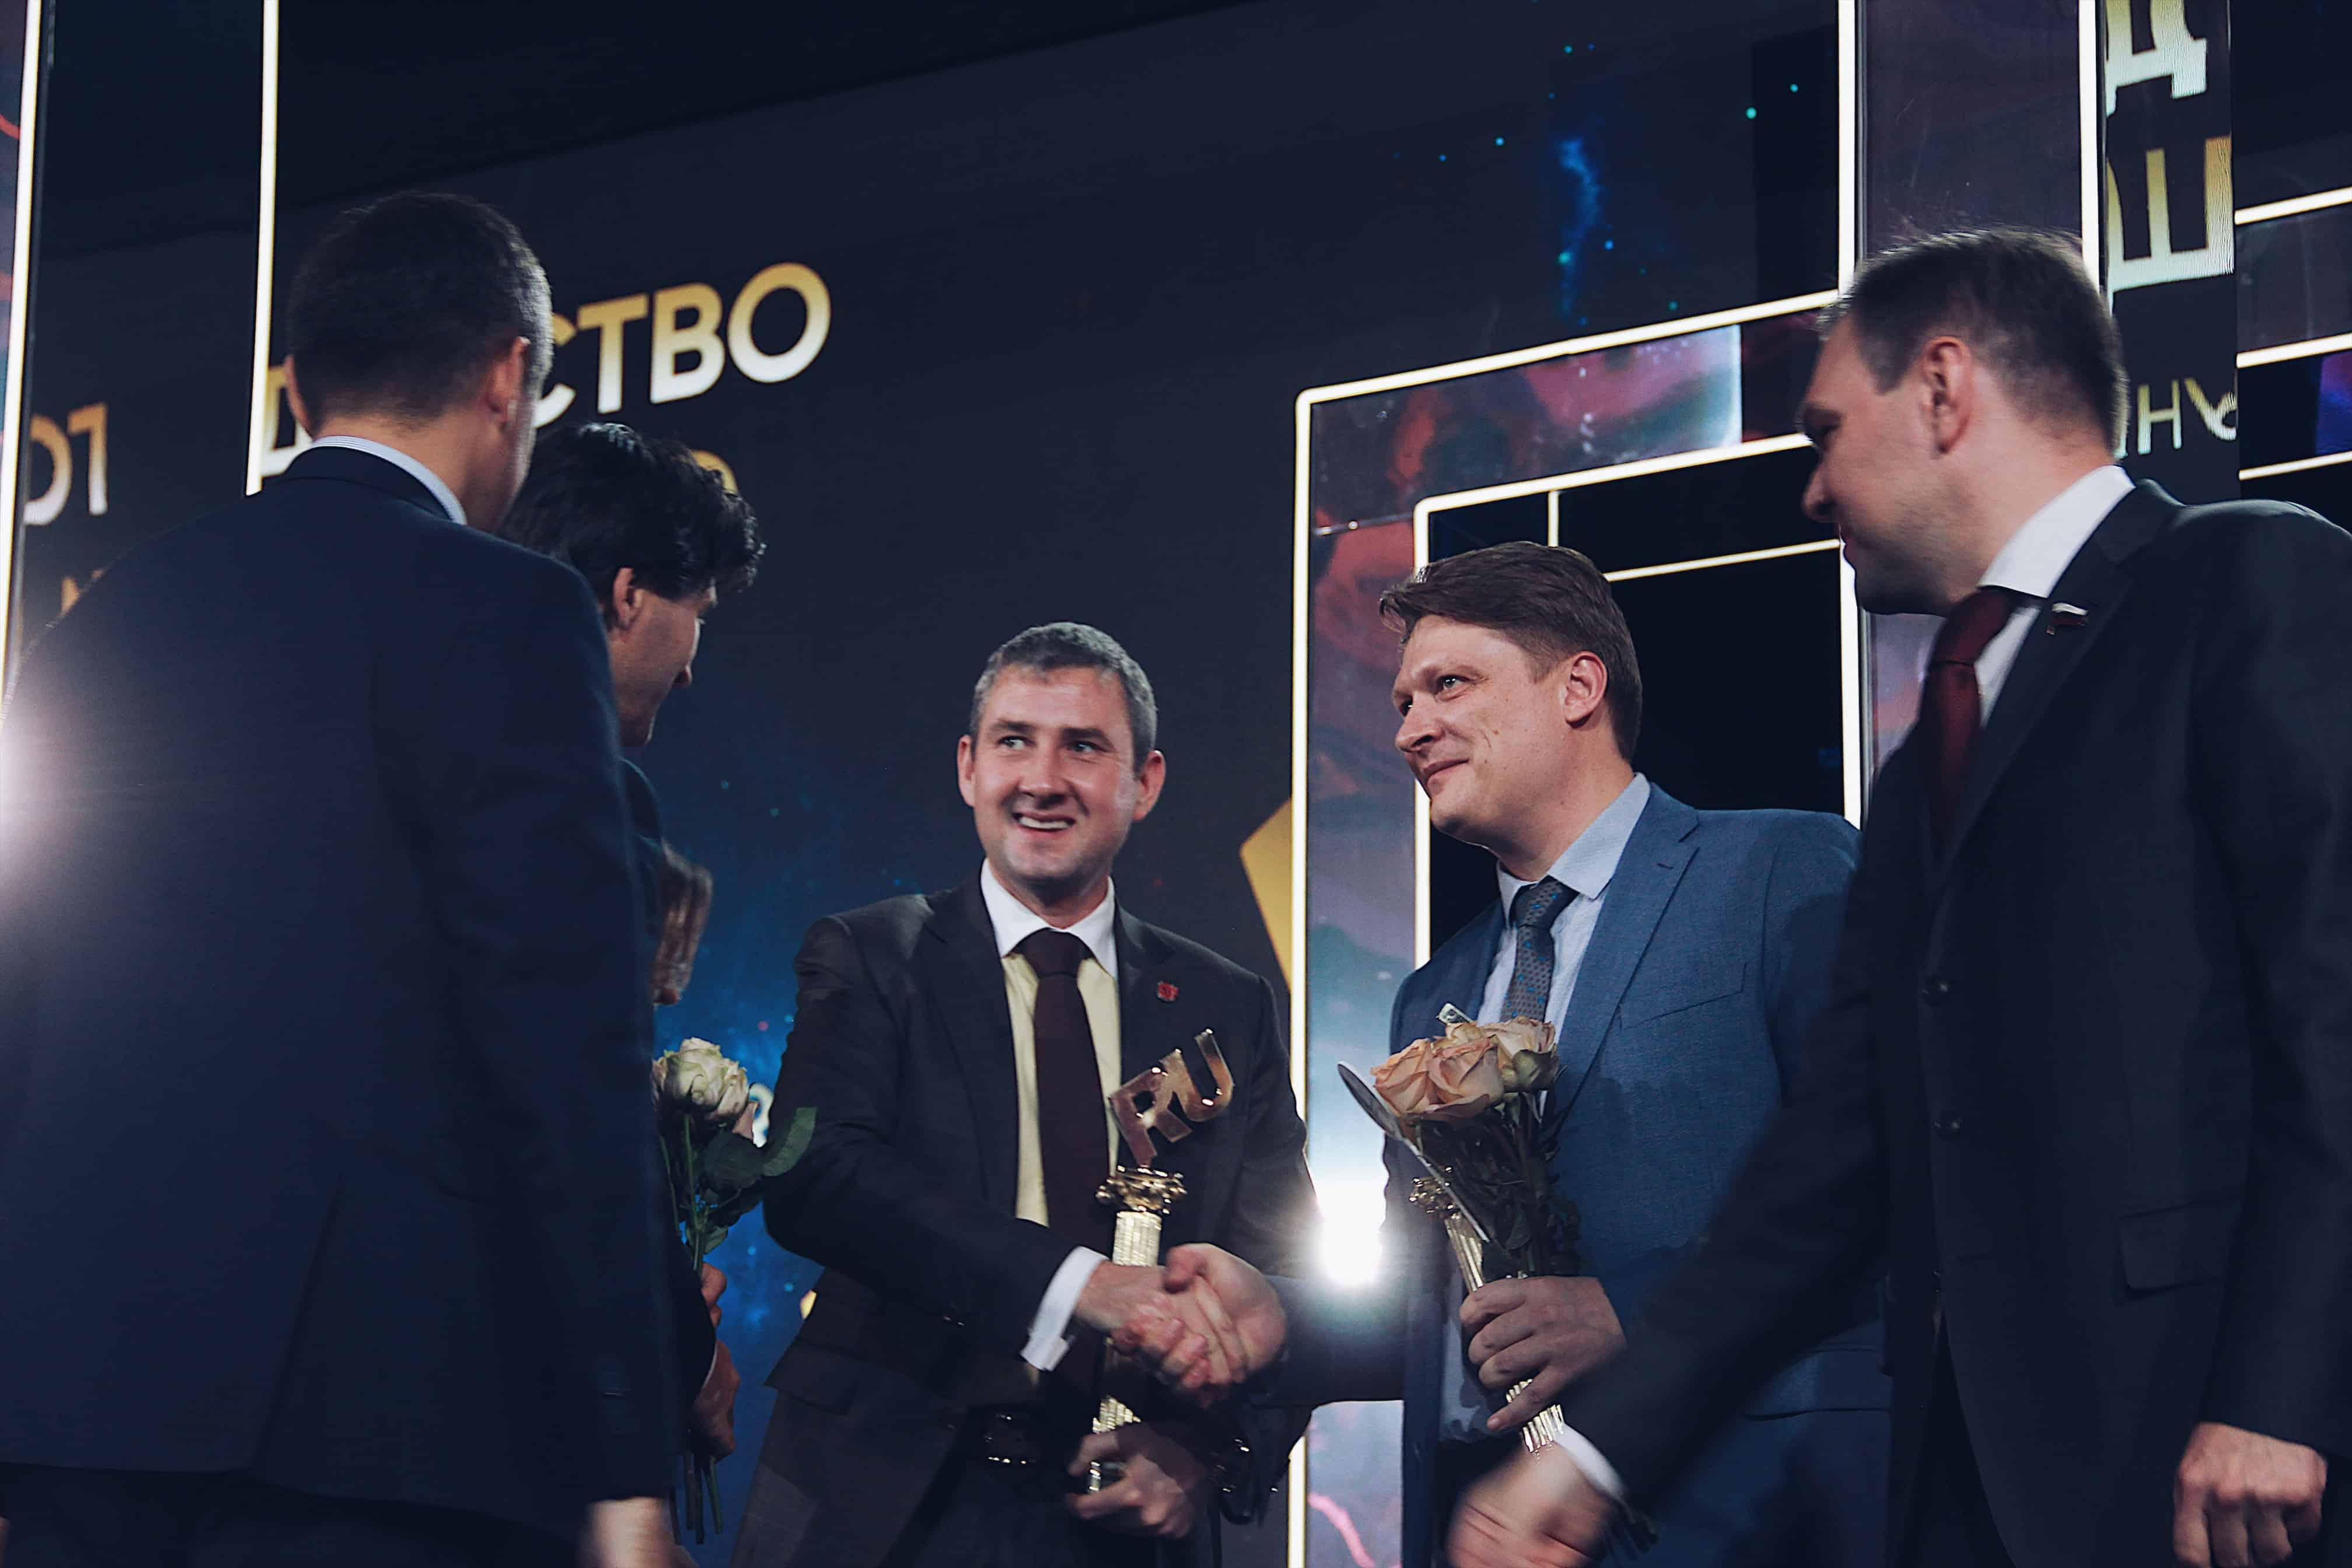 Фото: Маргарита Шевченко xv премия Рунета XV премия Рунета F27C16A3 61B2 4172 8285 57CF626228C0